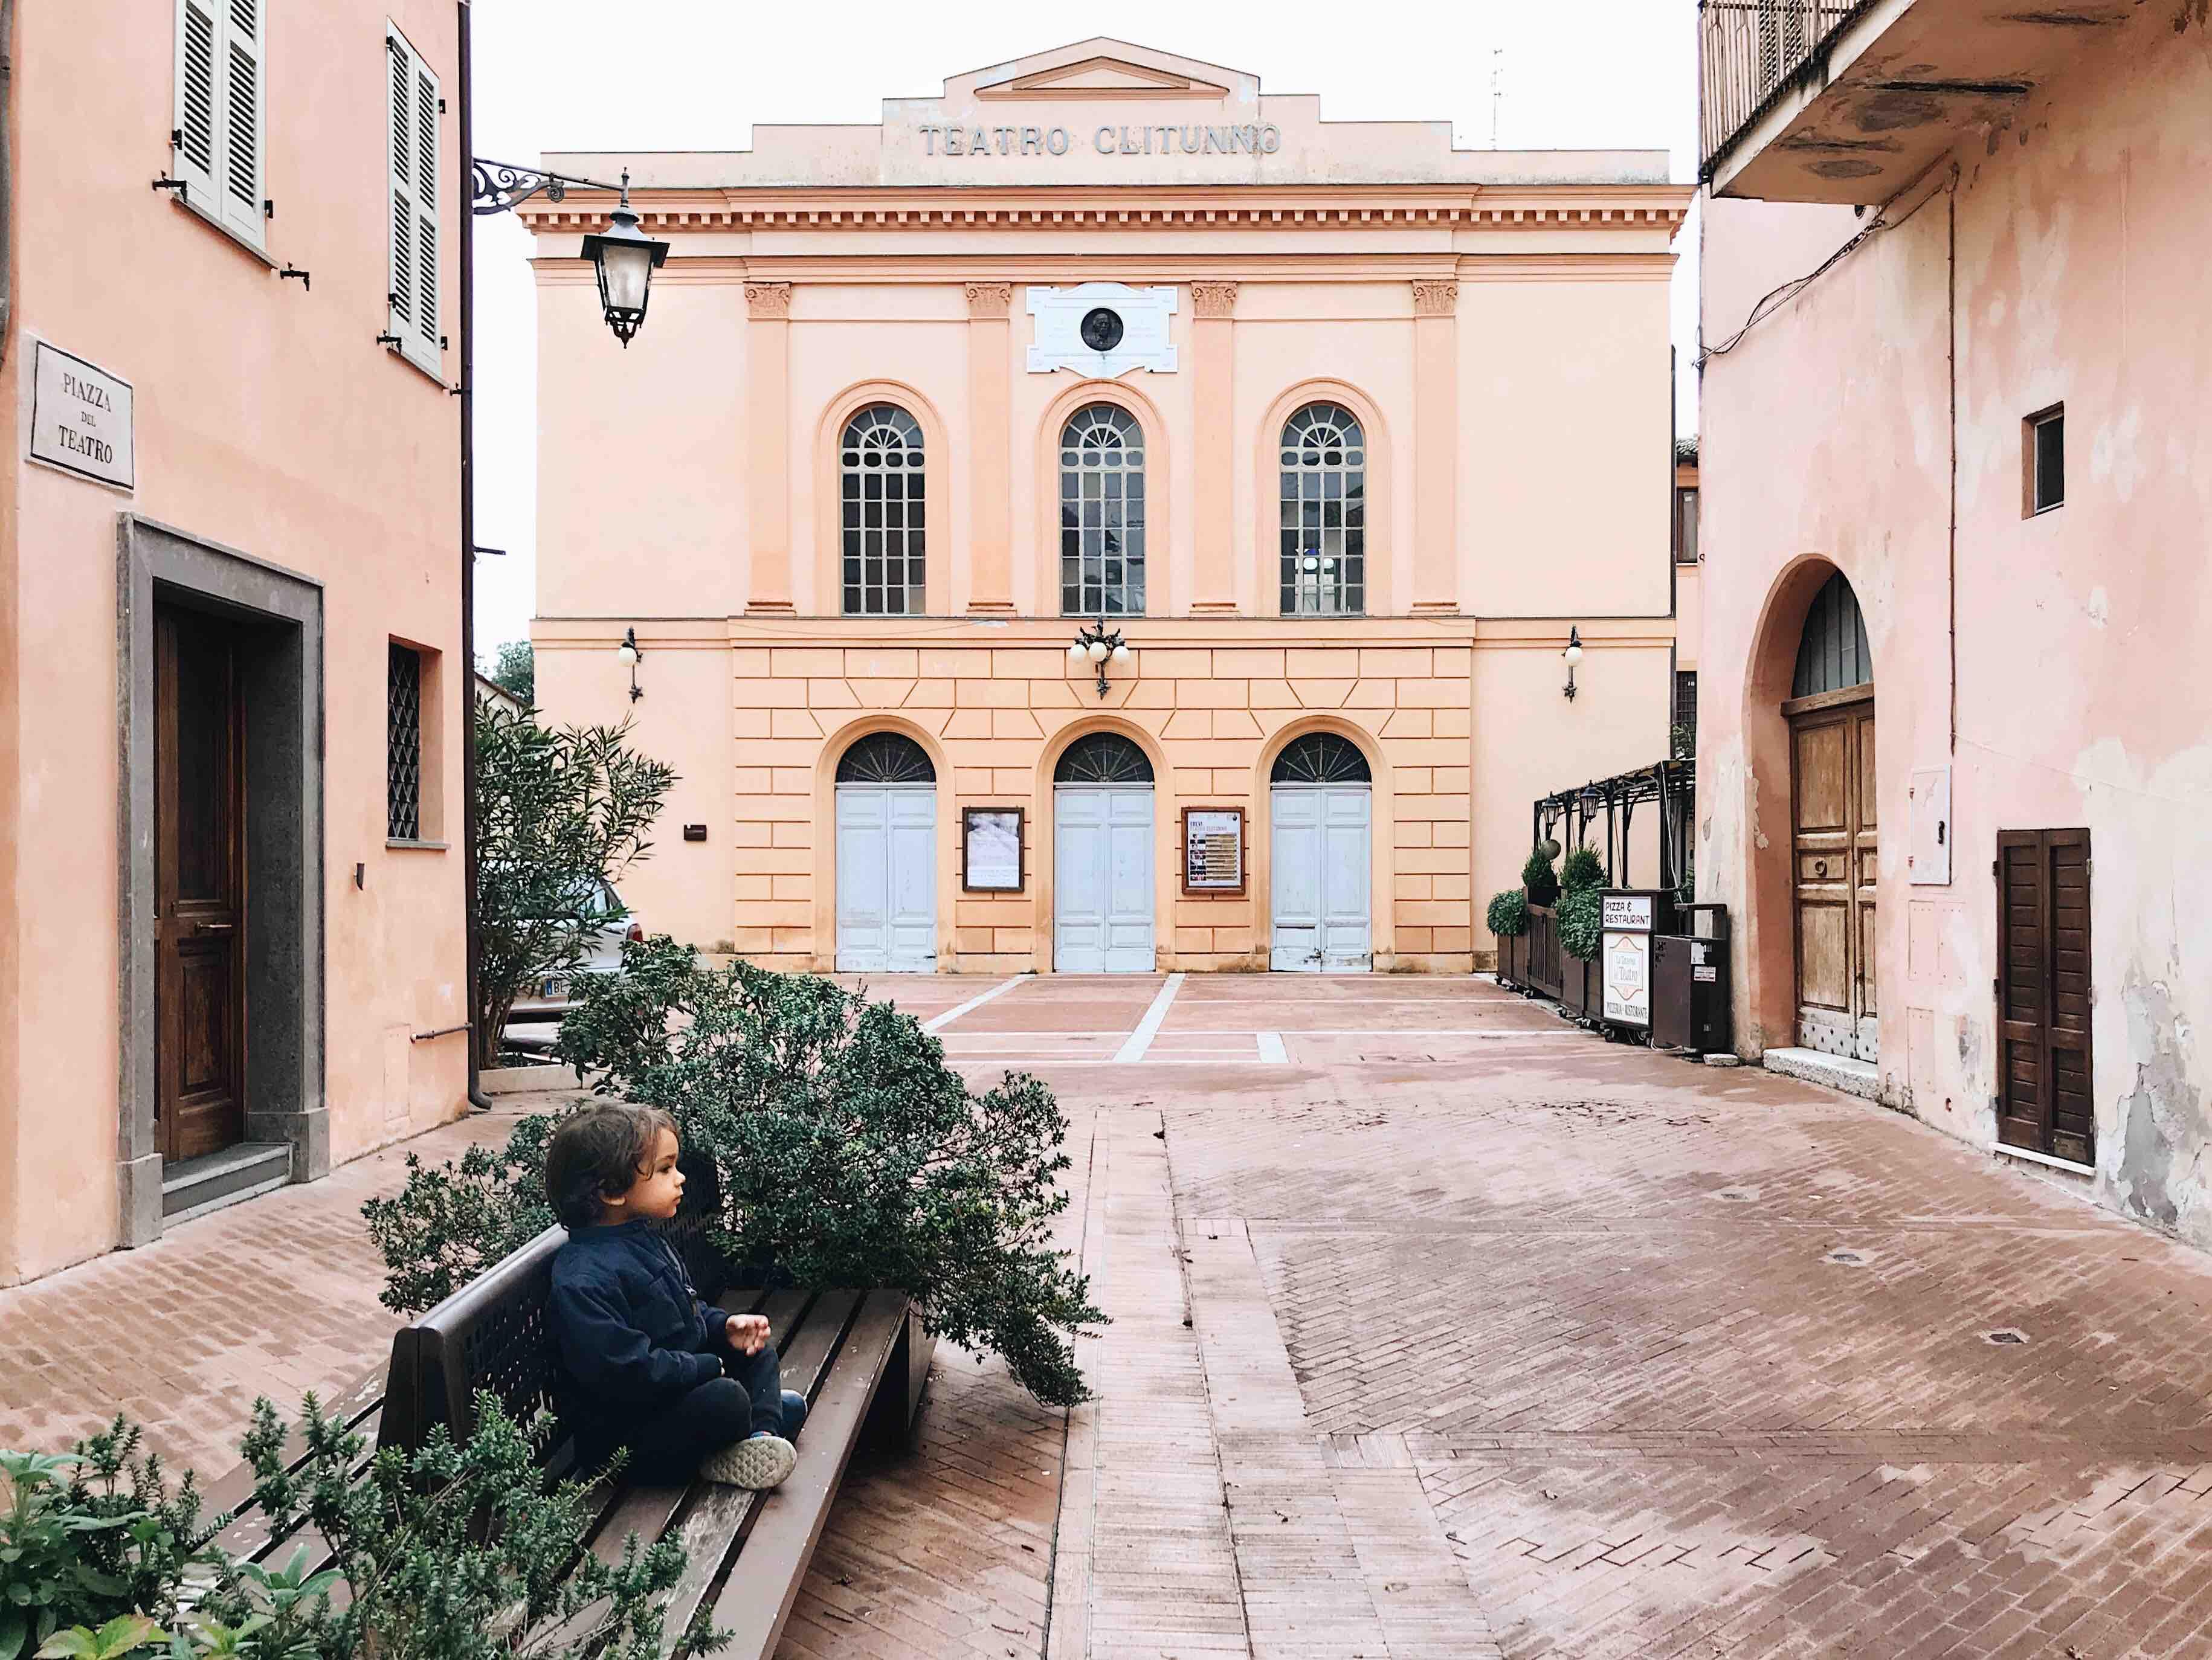 I borghi dell'Umbria: Teatro Clitunno a Trevi